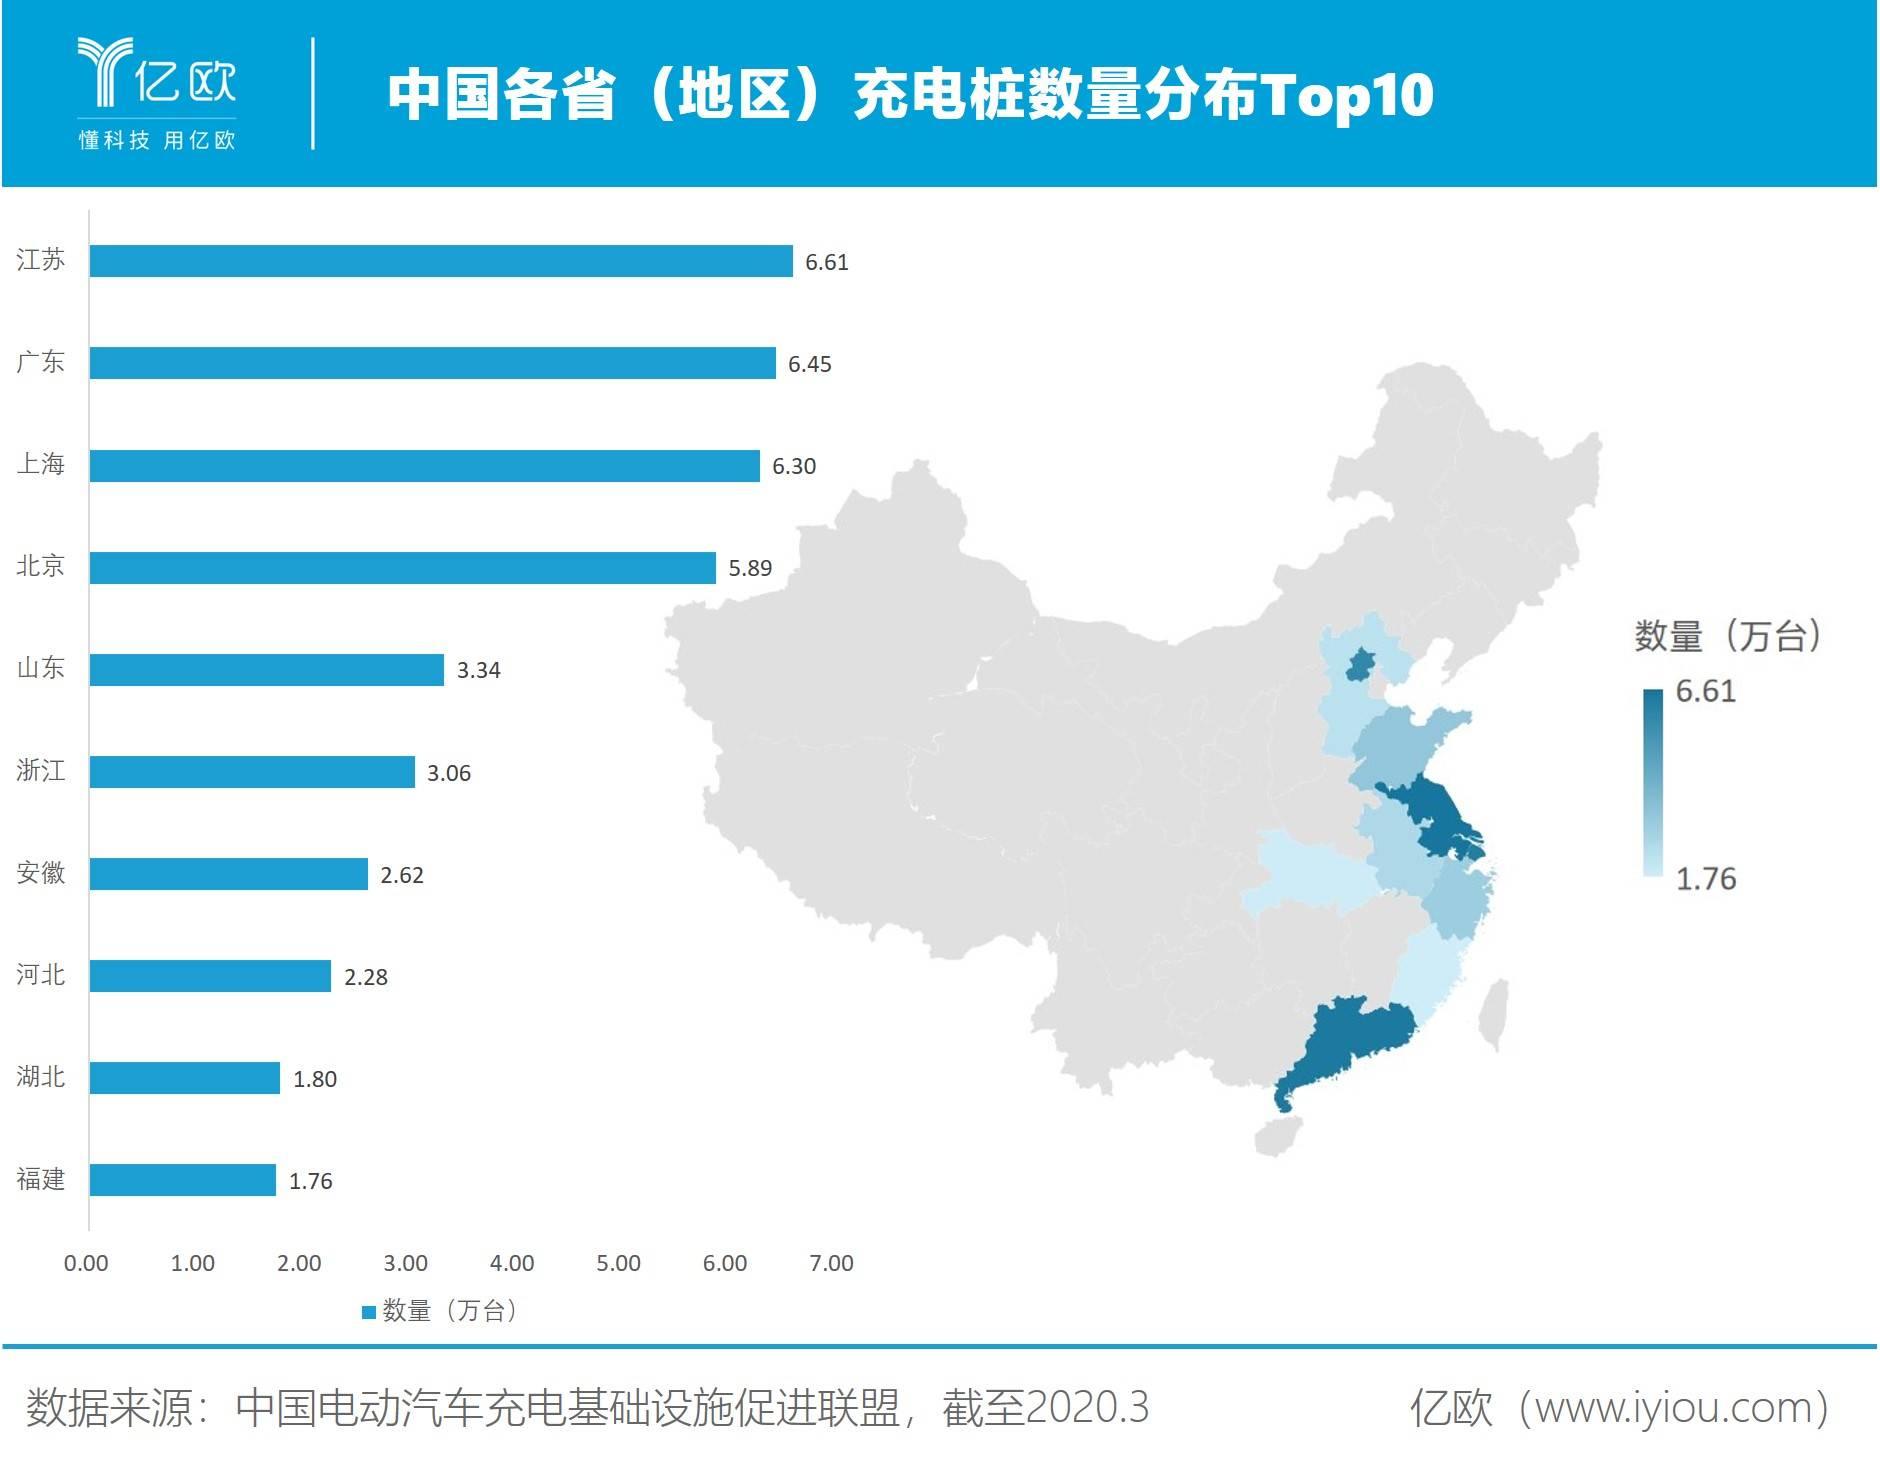 中国各省(地区)充电桩数量分布Top10